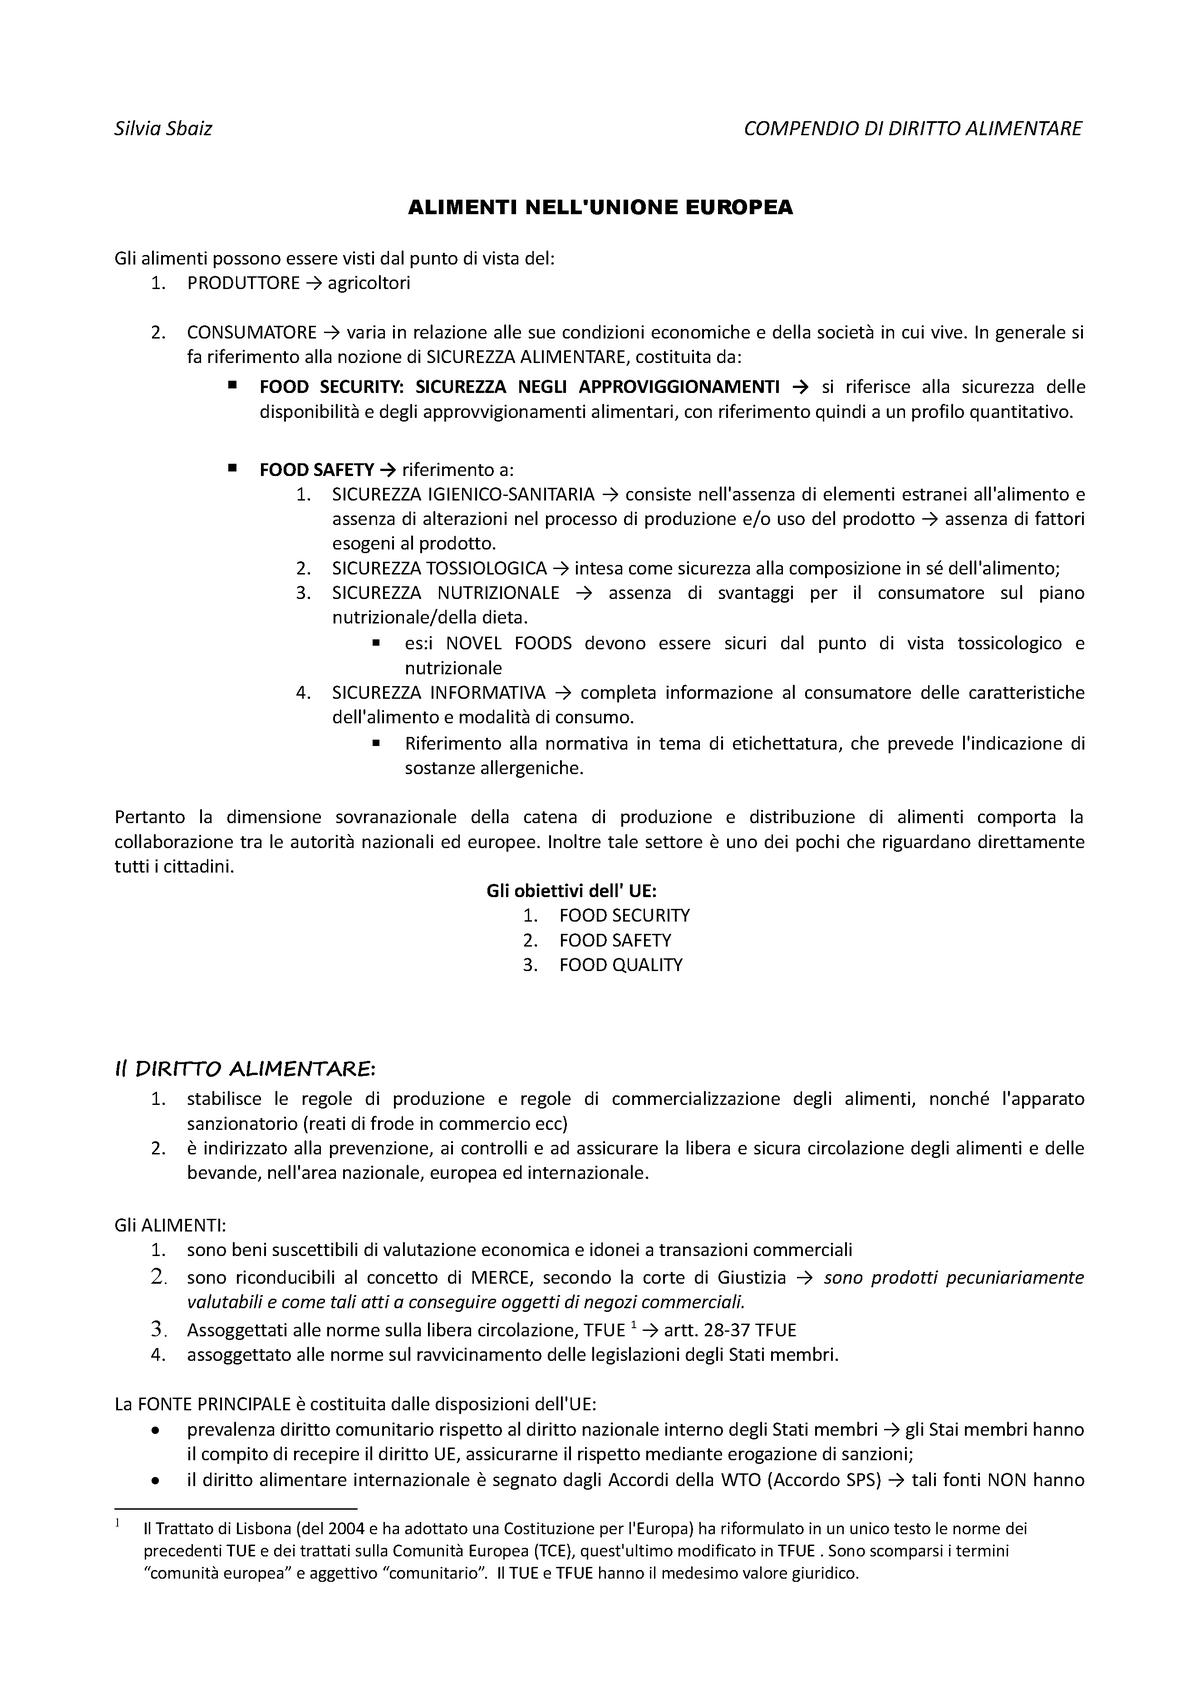 180dc234a1 Compendio di diritto alimentare - Diritto agro alimentare/ Agricultural and  Food Law - StuDocu